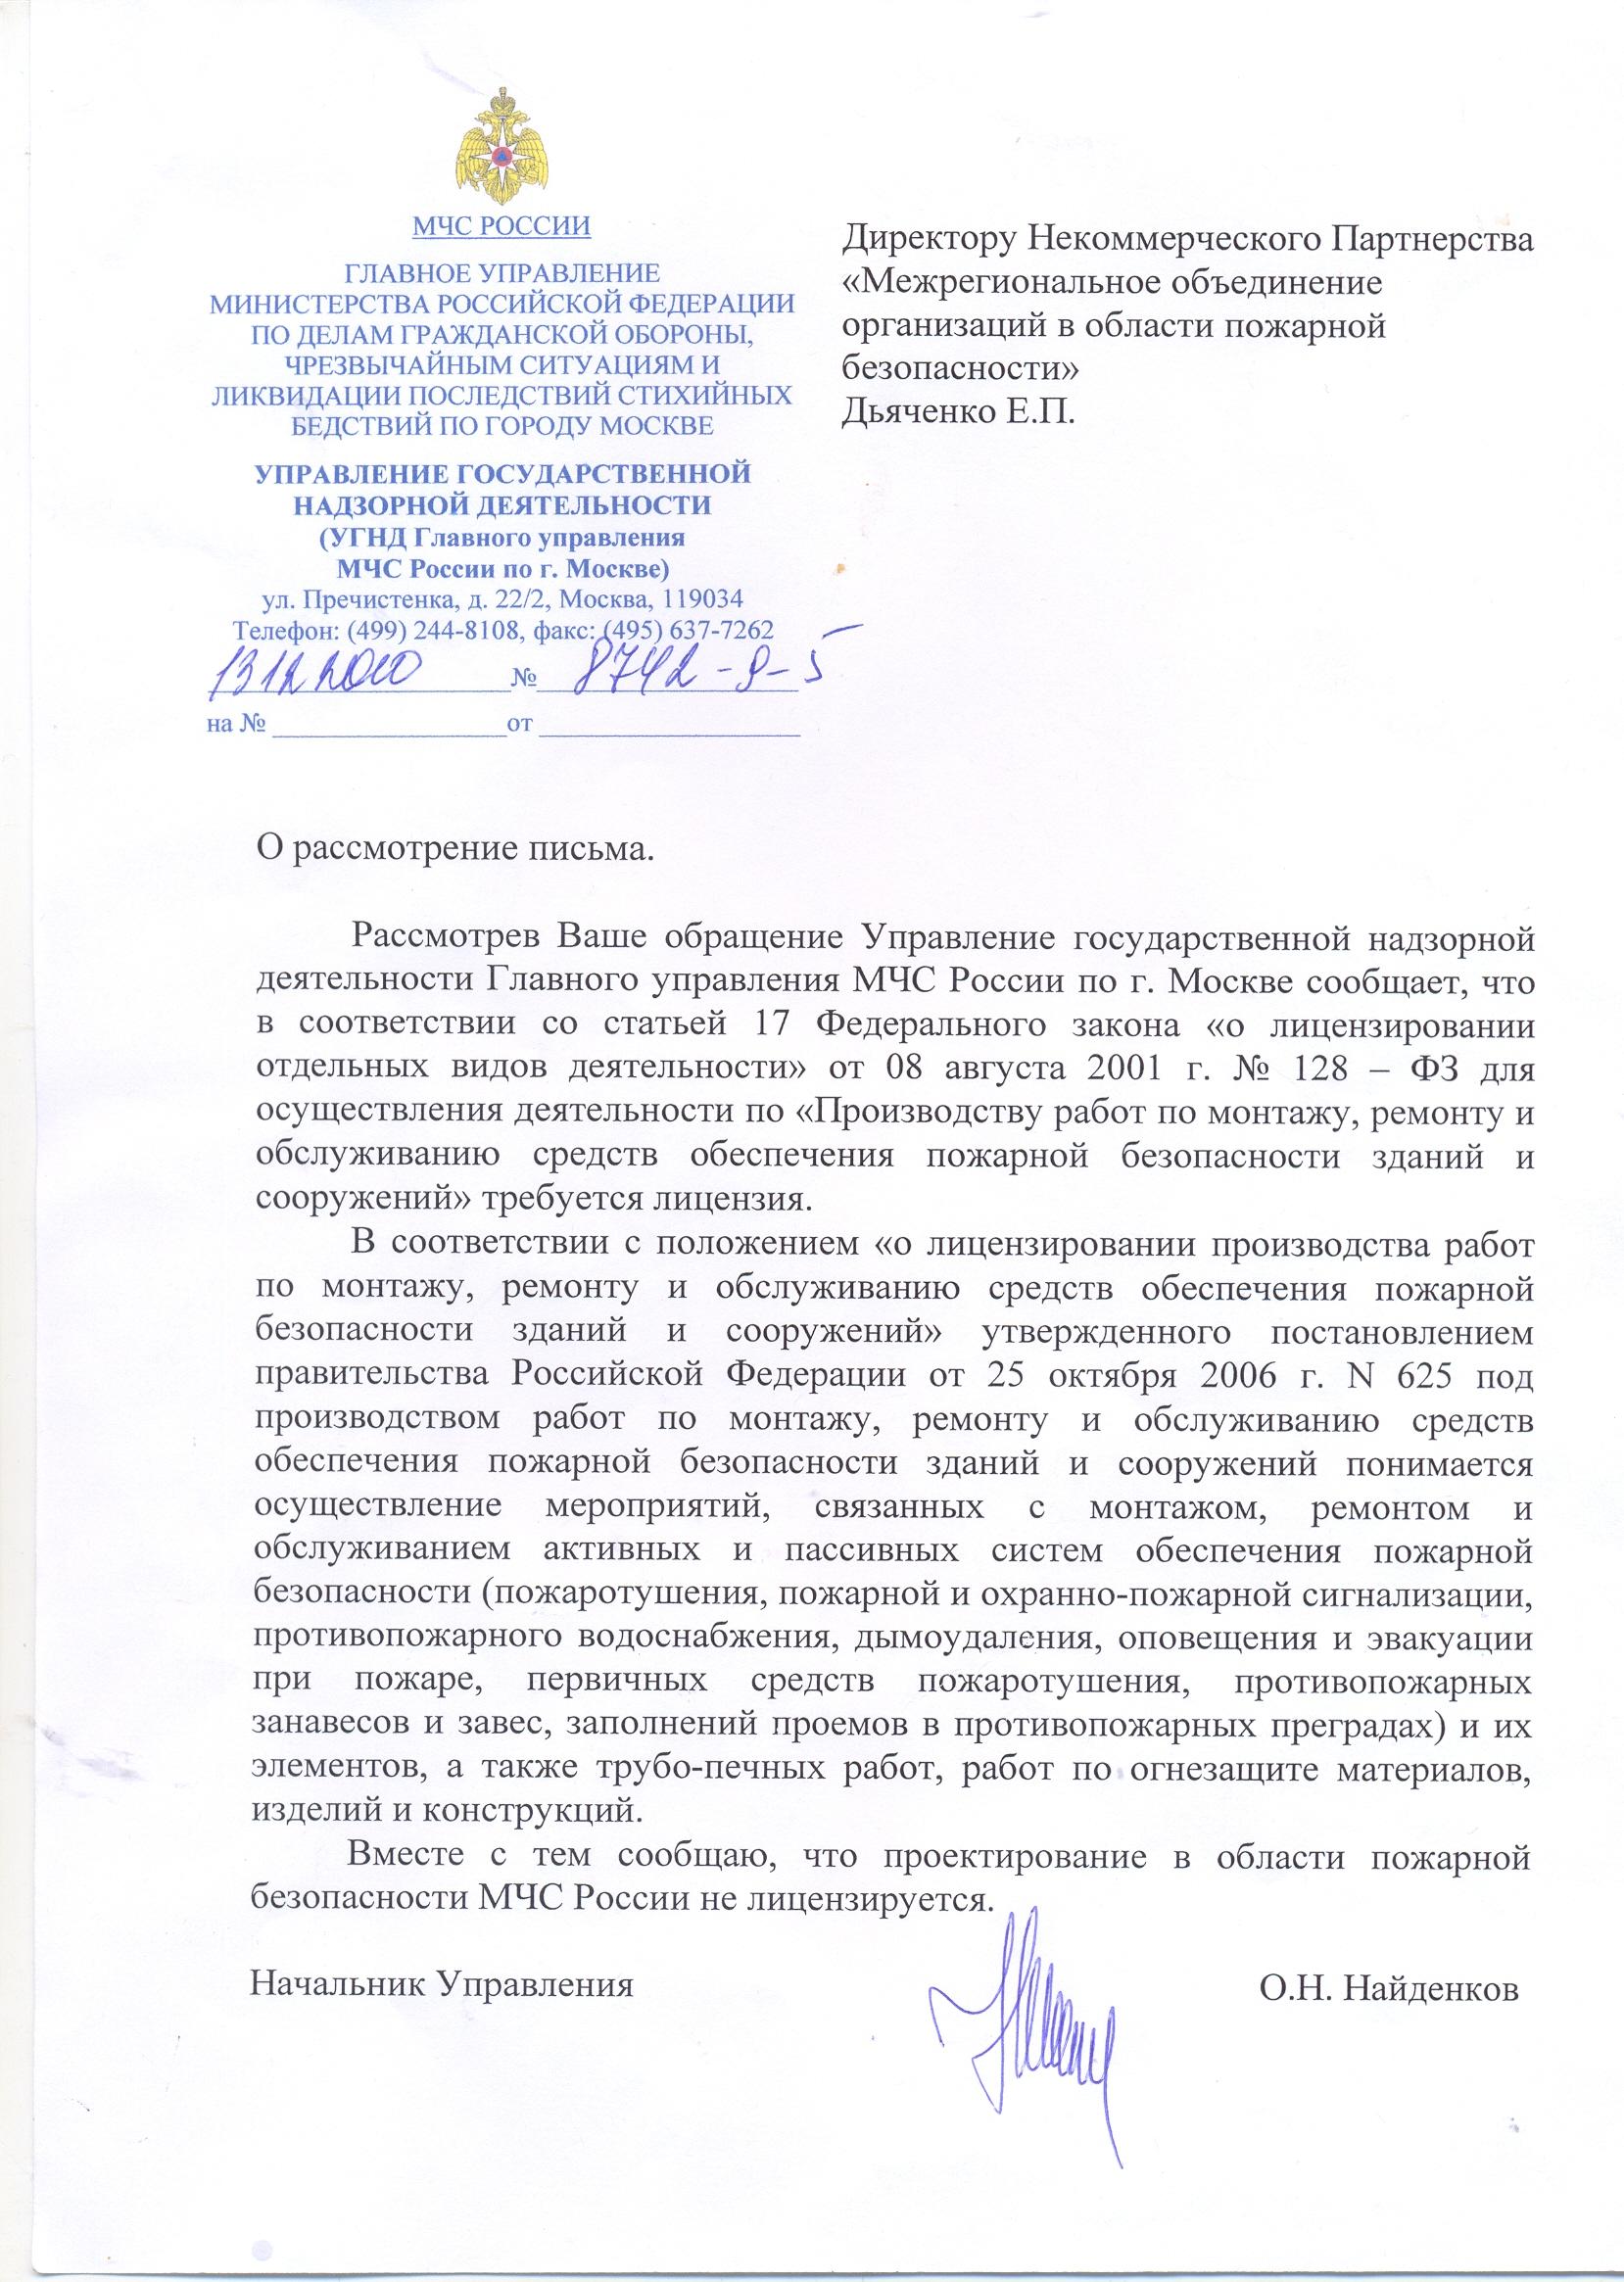 Лицензия МЧС на проектирование противопожарных систем